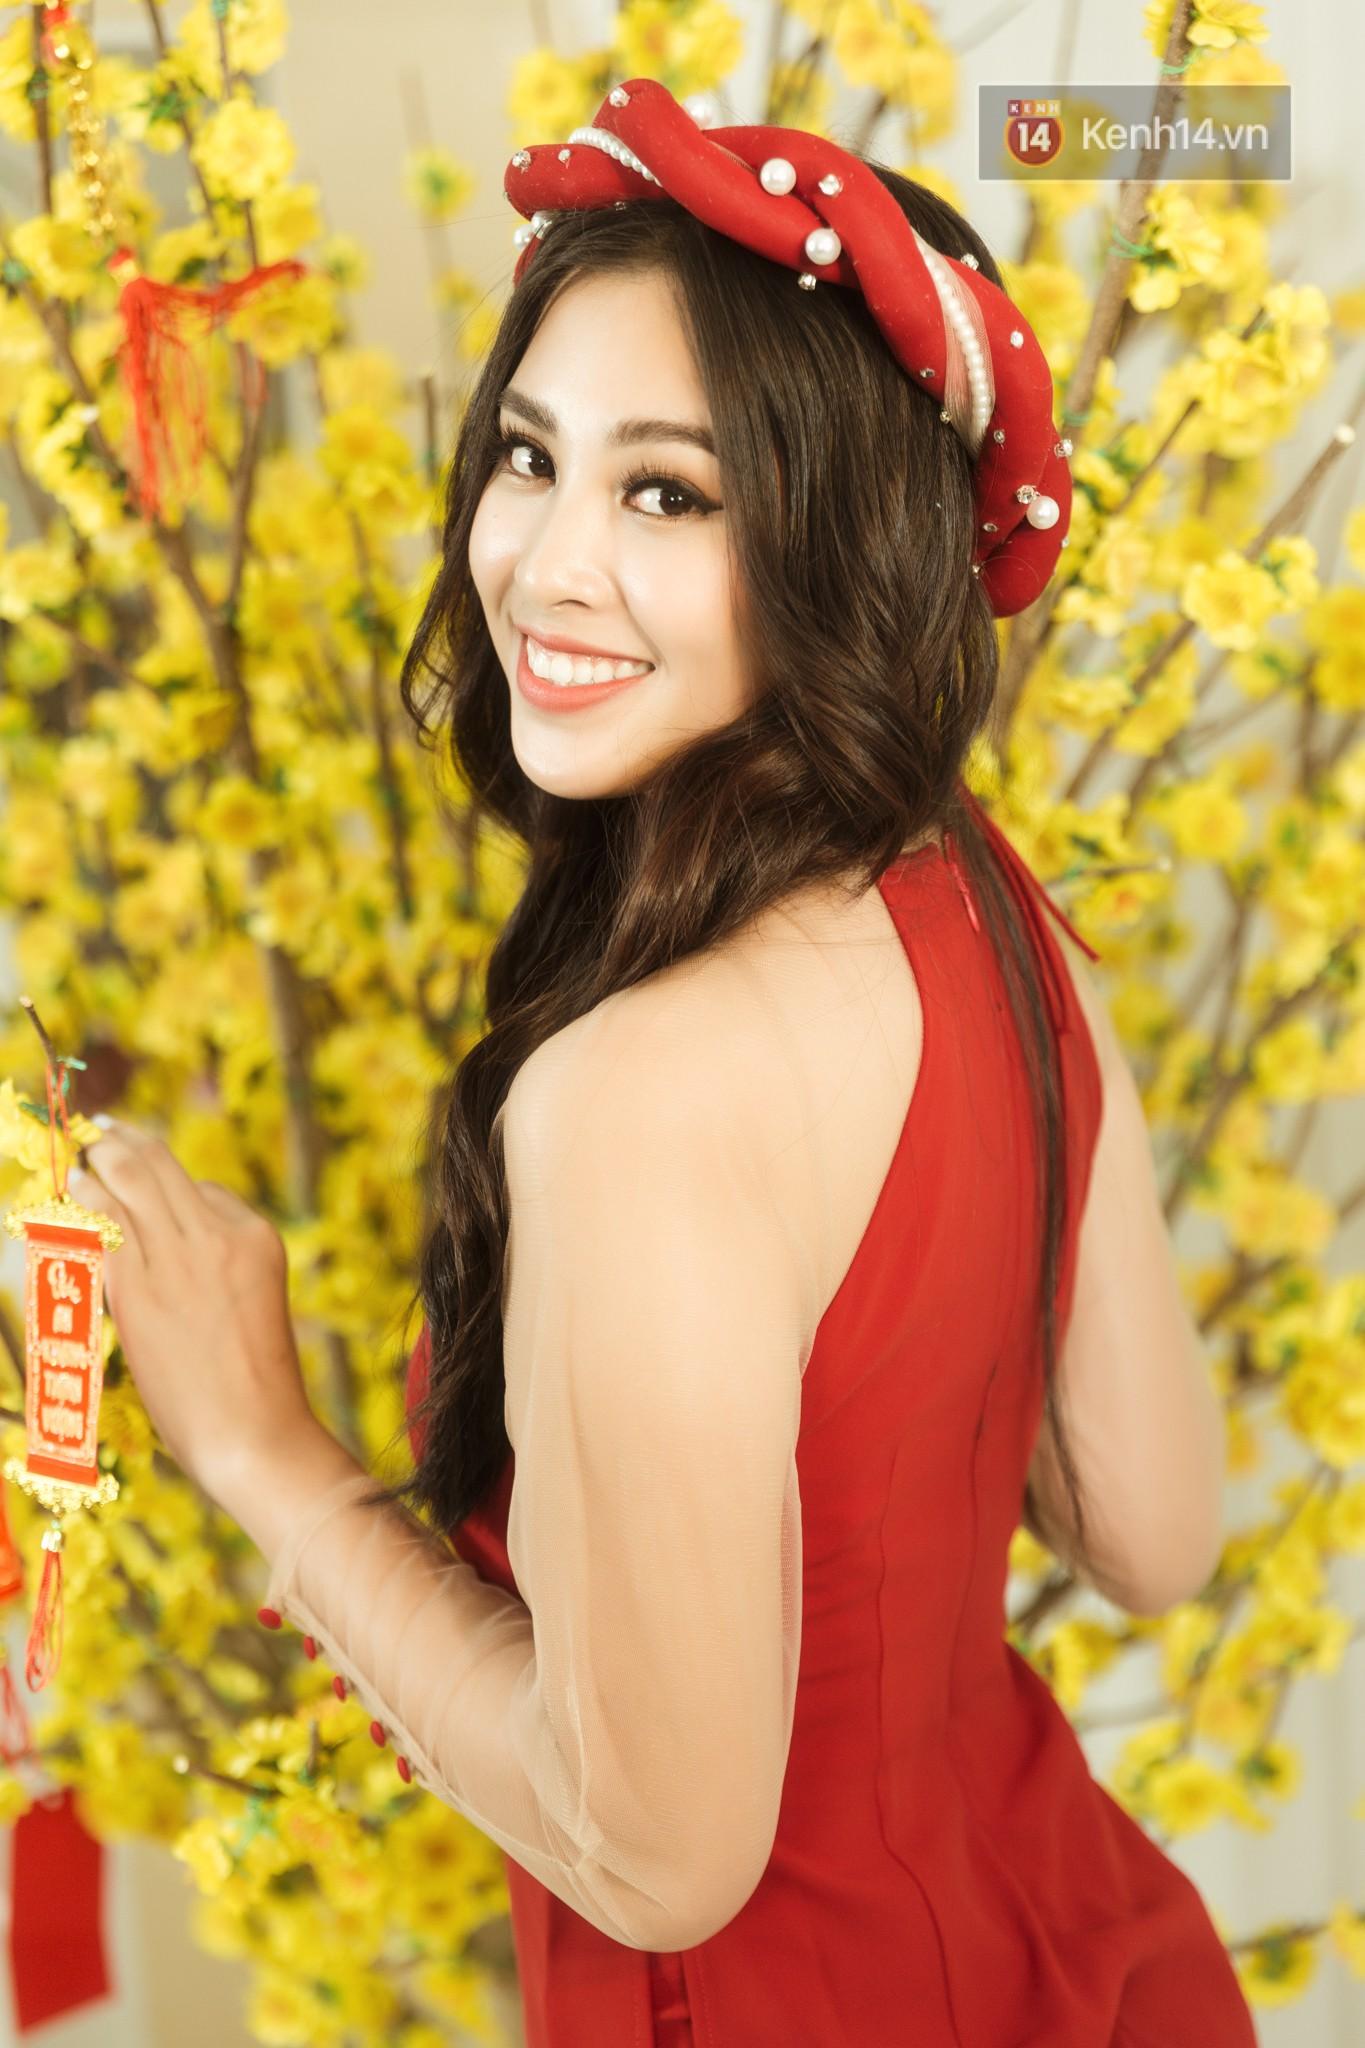 Tất tần tật về cái Tết đầu tiên là một Hoa hậu của cô nữ sinh vừa bước sang tuổi 19 Trần Tiểu Vy - Ảnh 2.